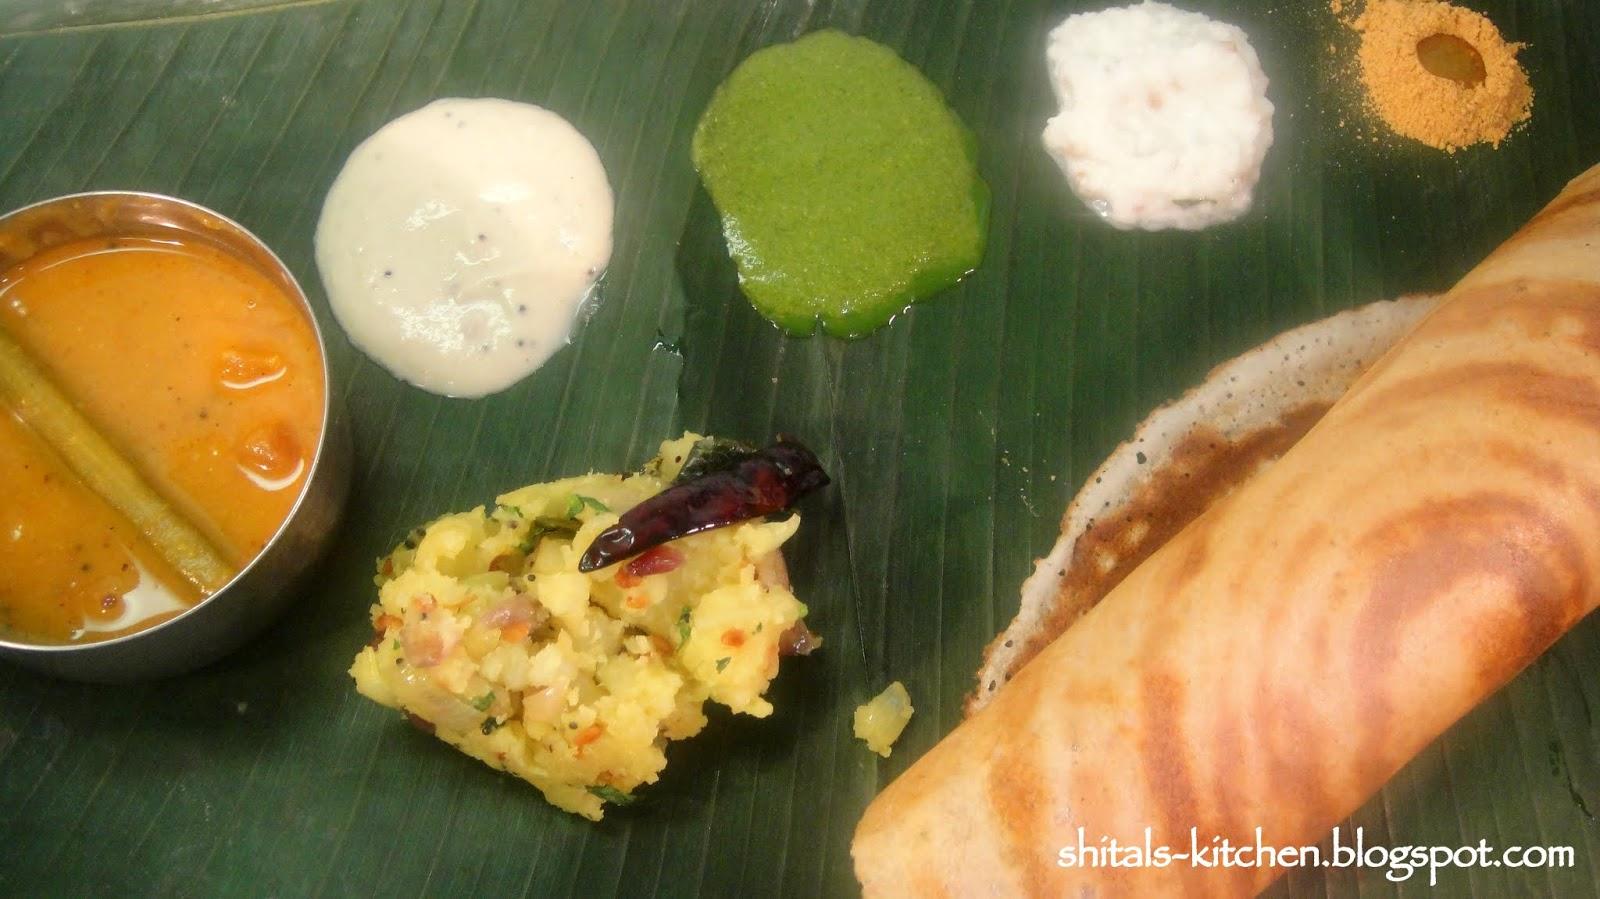 http://shitals-kitchen.blogspot.com/2013/06/masala-dosa.html